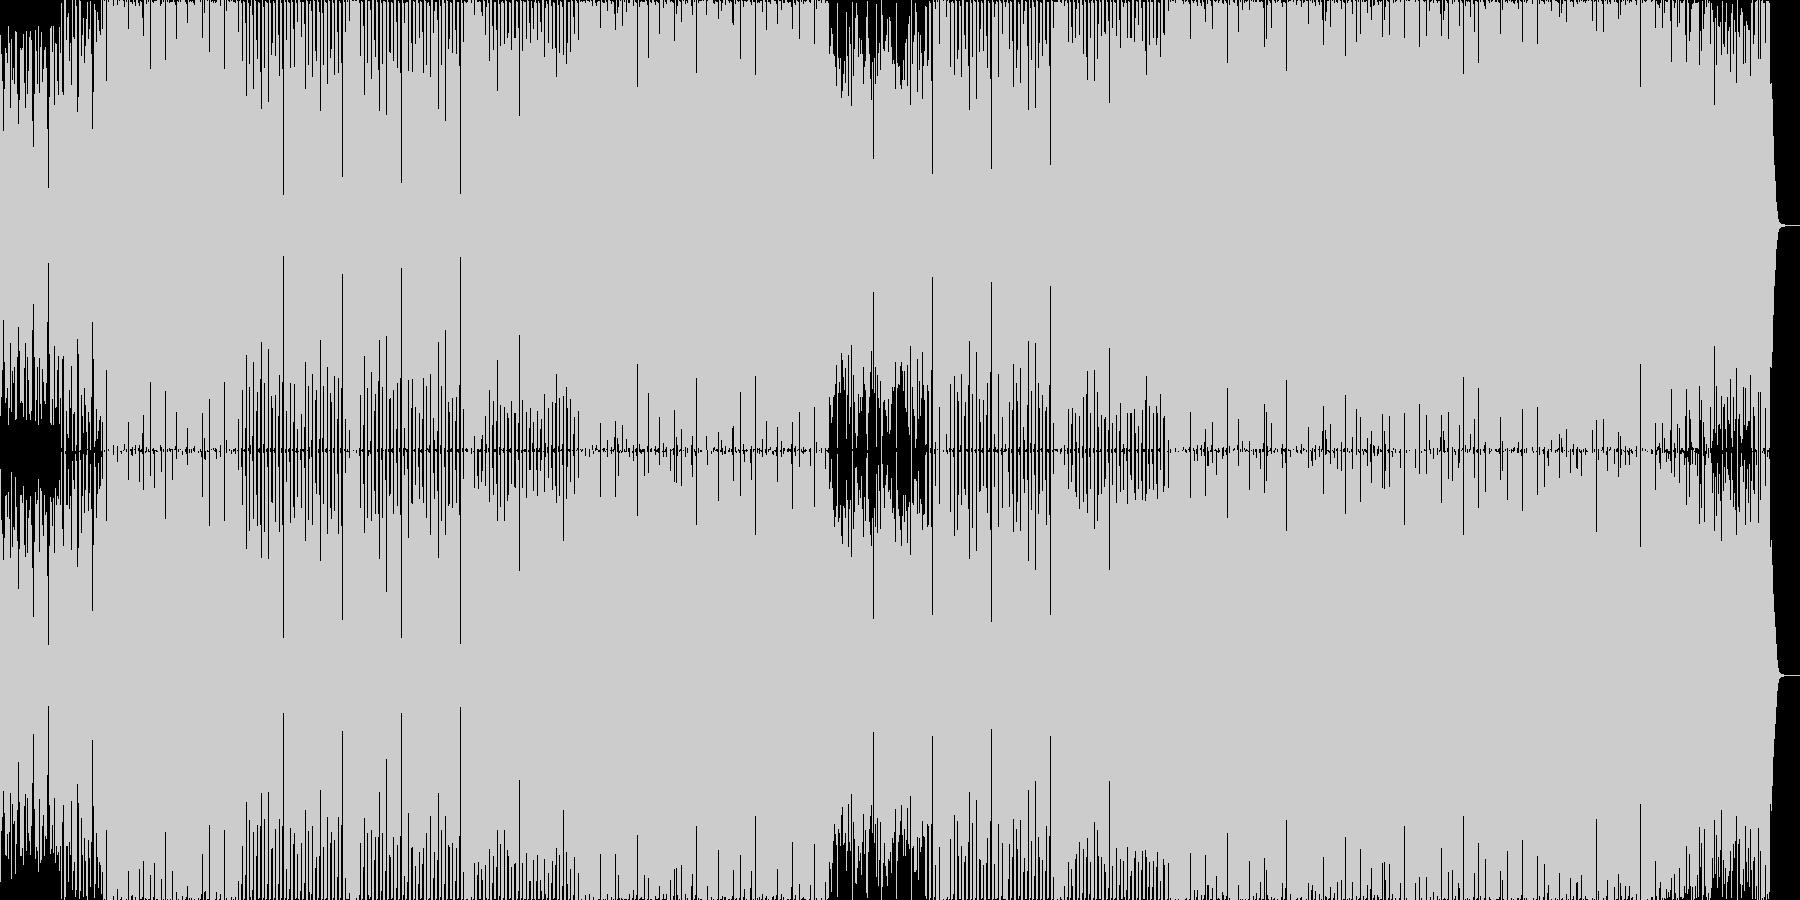 ピアノとストリングスの定番なハウス。の未再生の波形